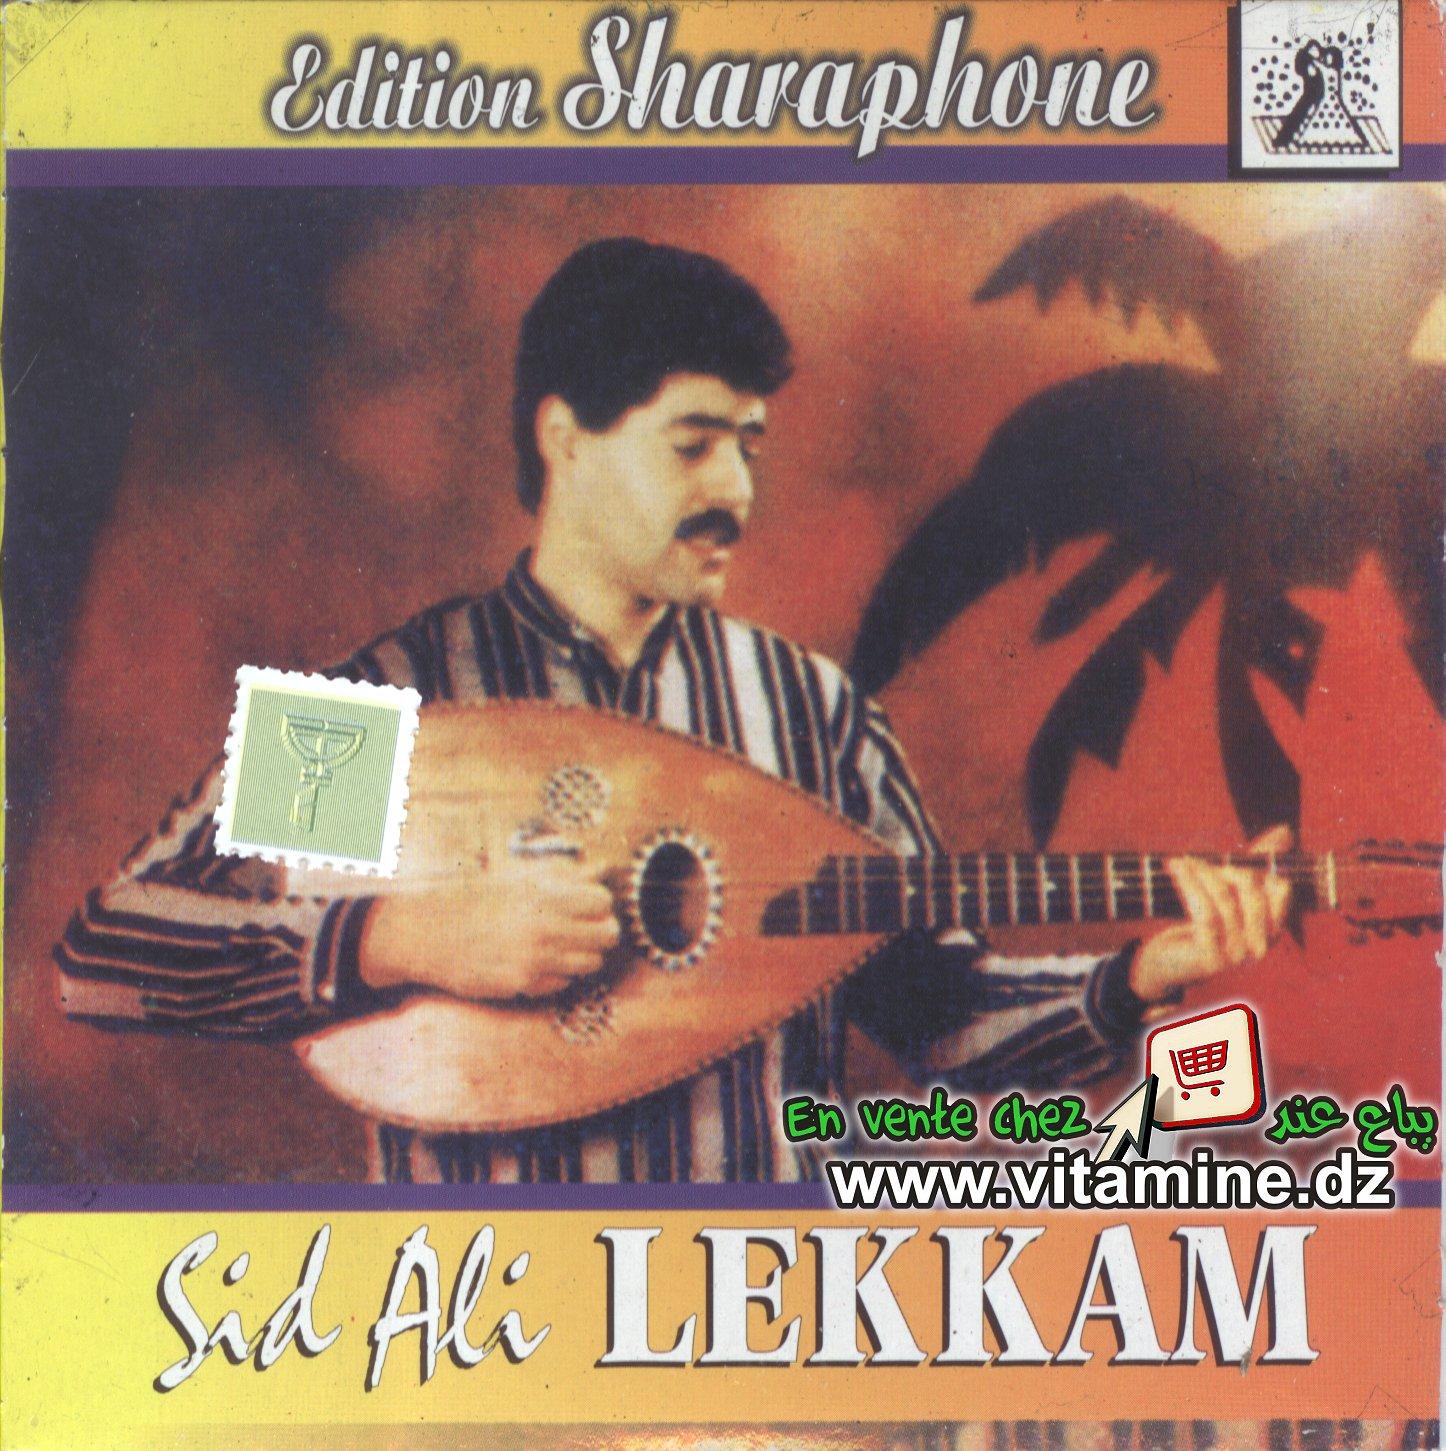 music sid ali lekkam